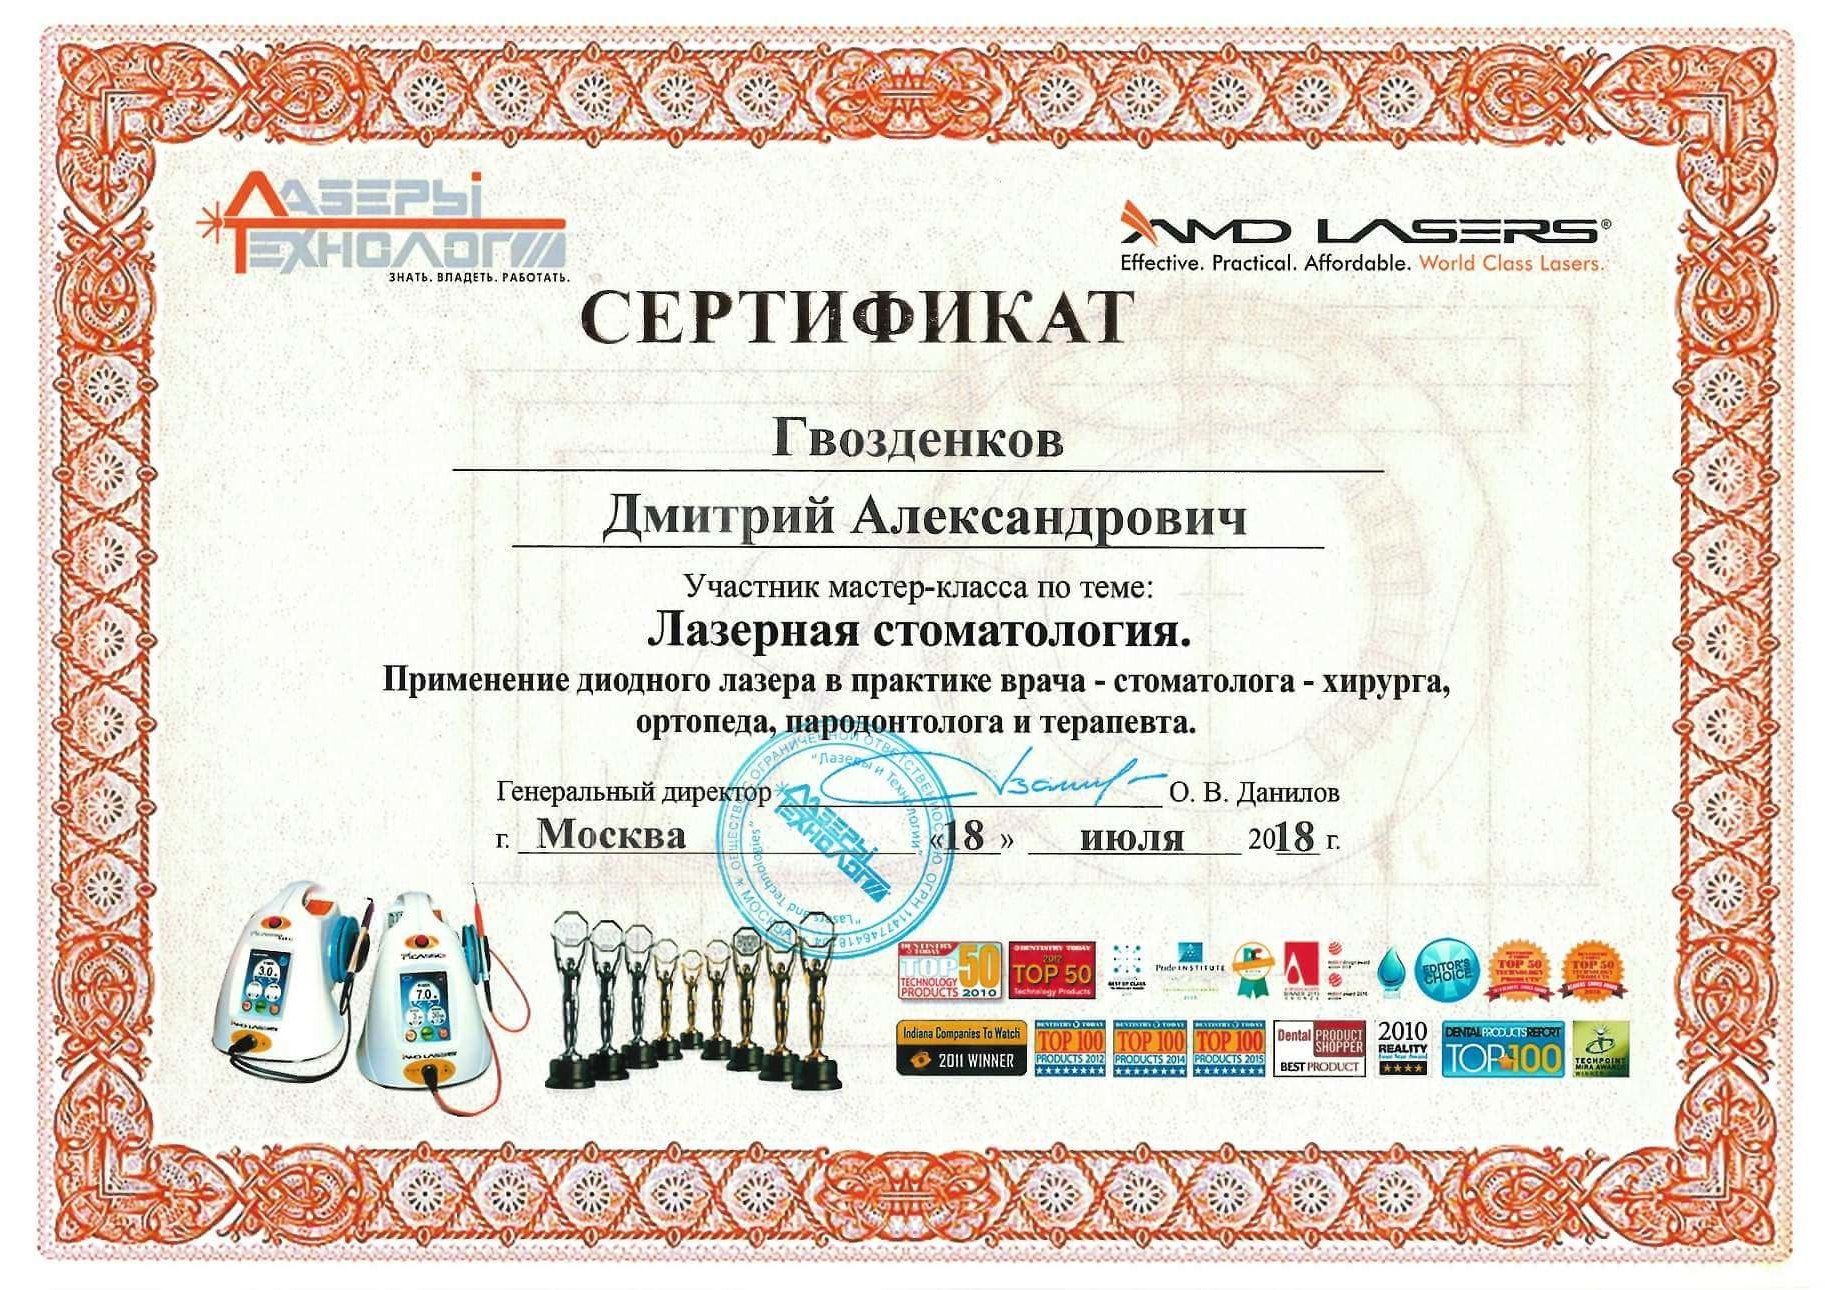 СЕРТИФИКАТ_Лазерная стоматология